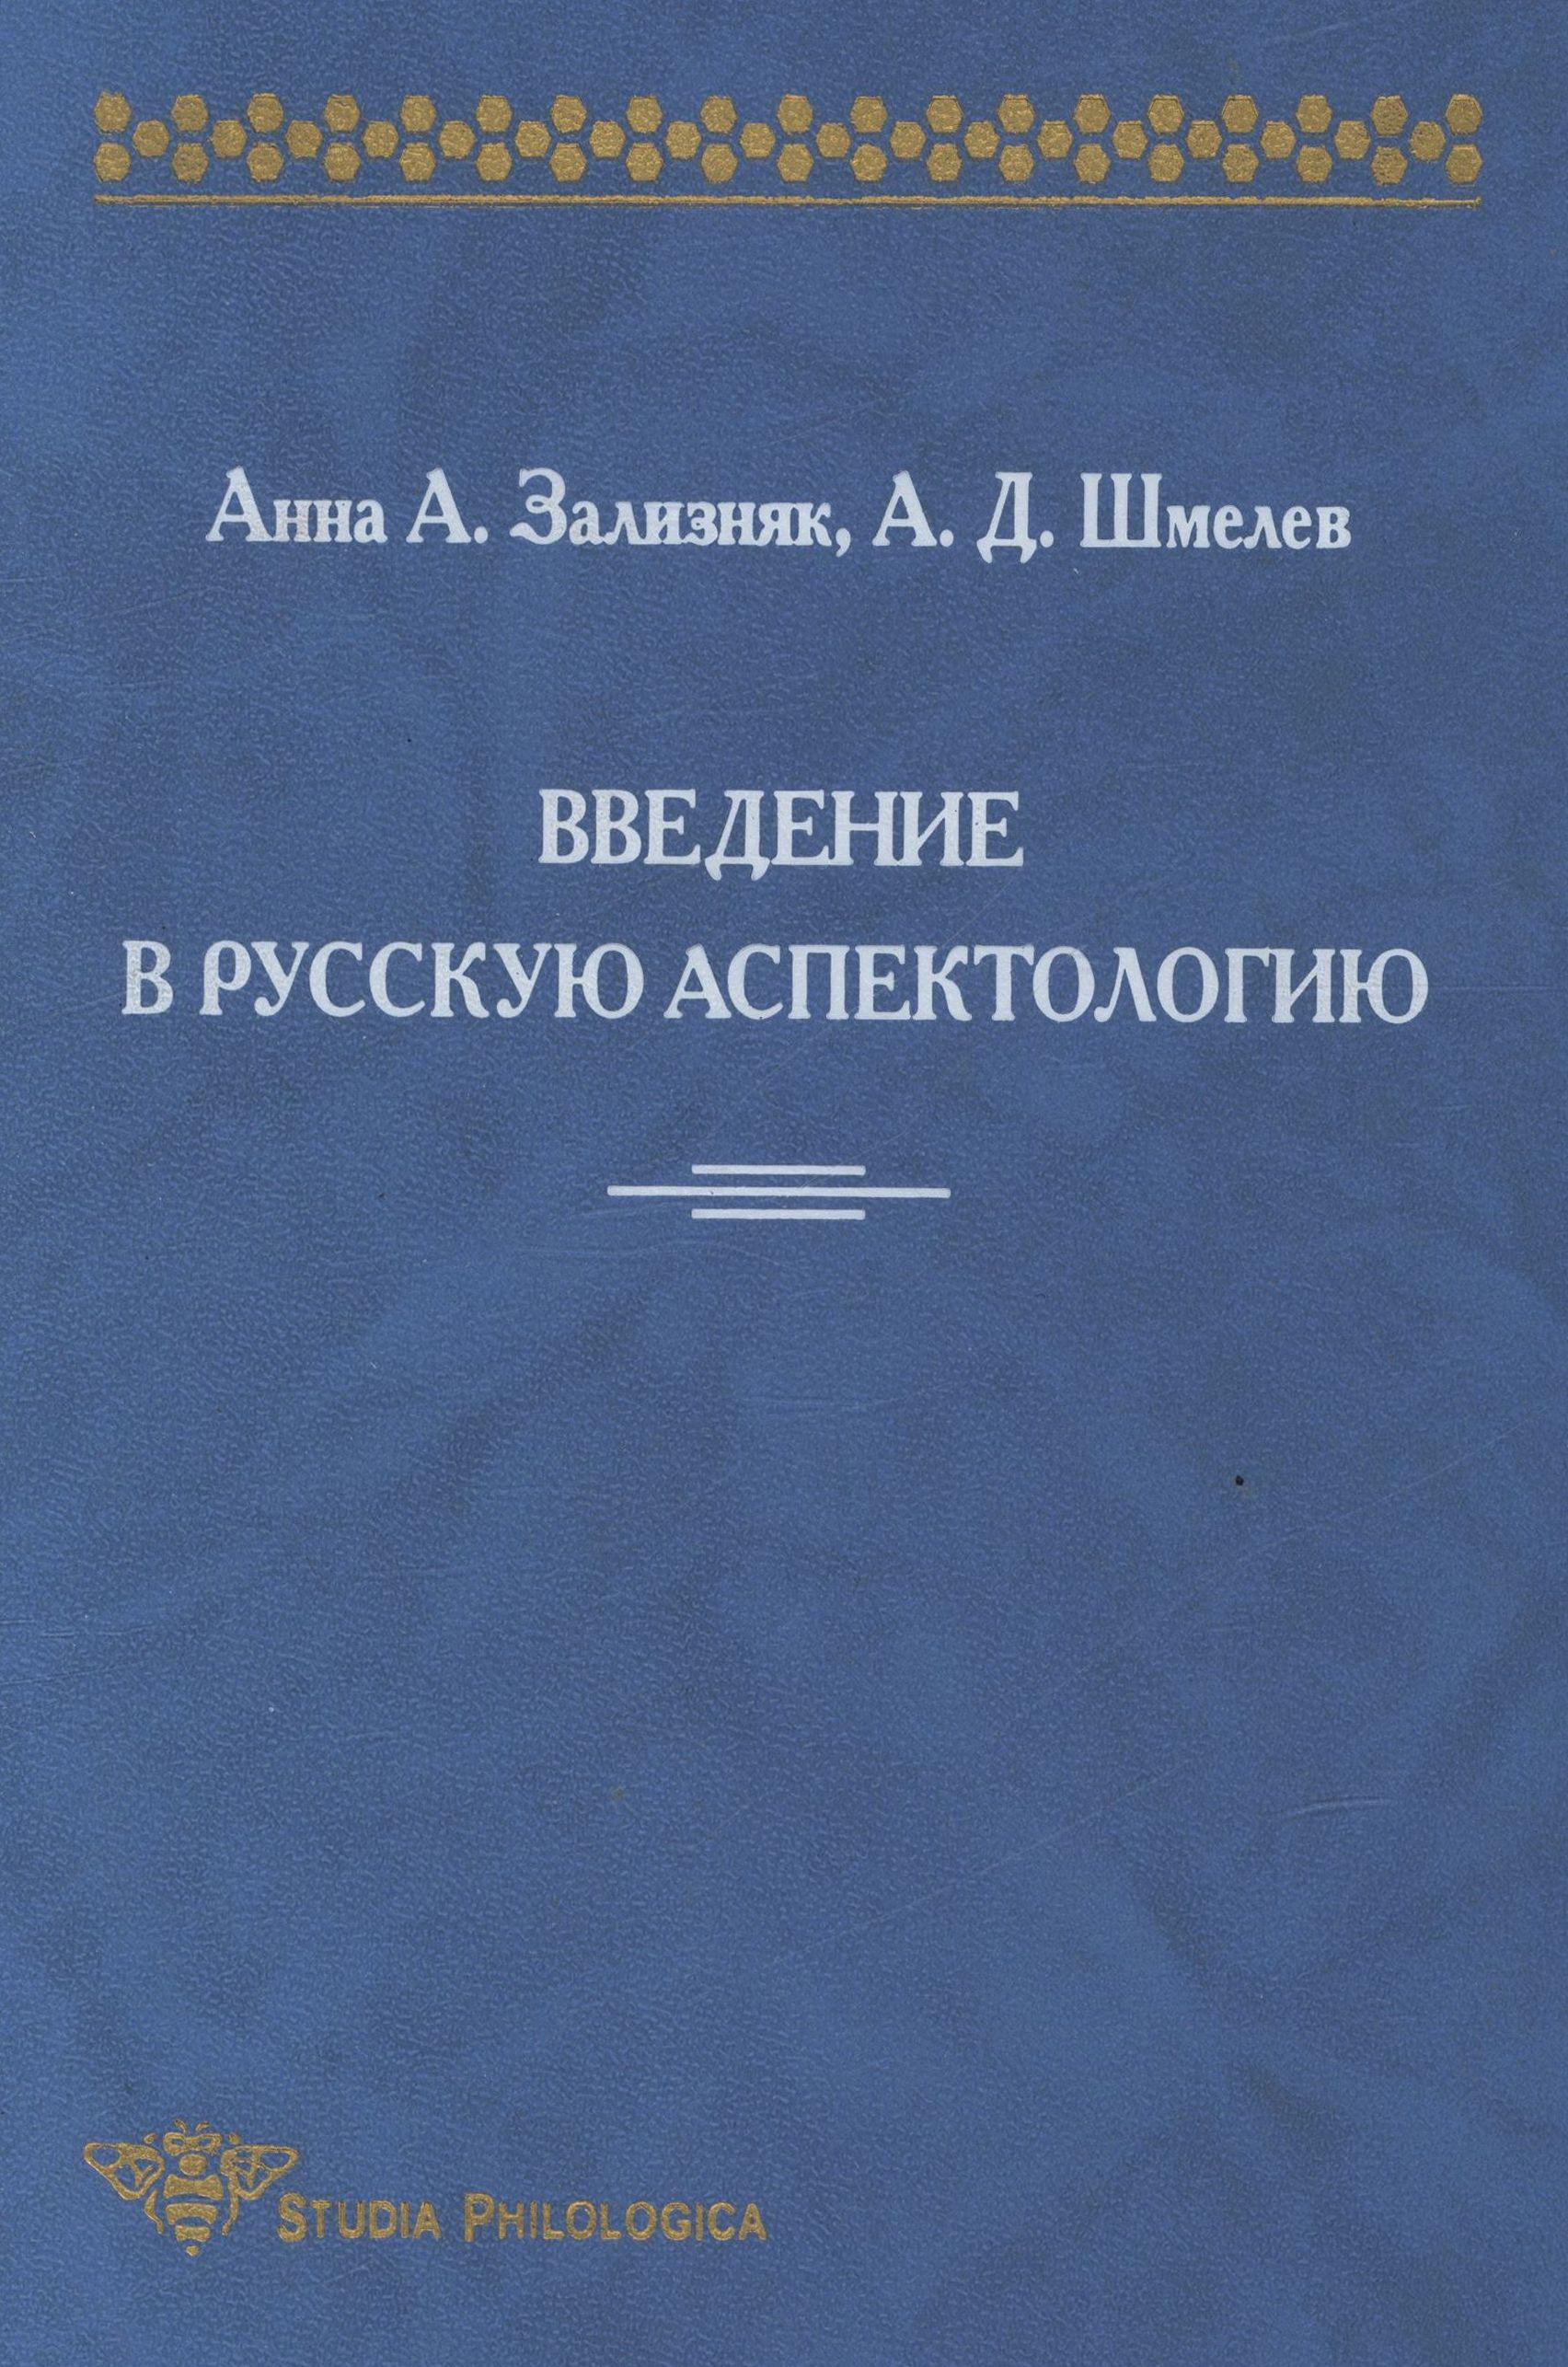 А. Д. Шмелев Введение в русскую аспектологию а д шмелев введение в русскую аспектологию